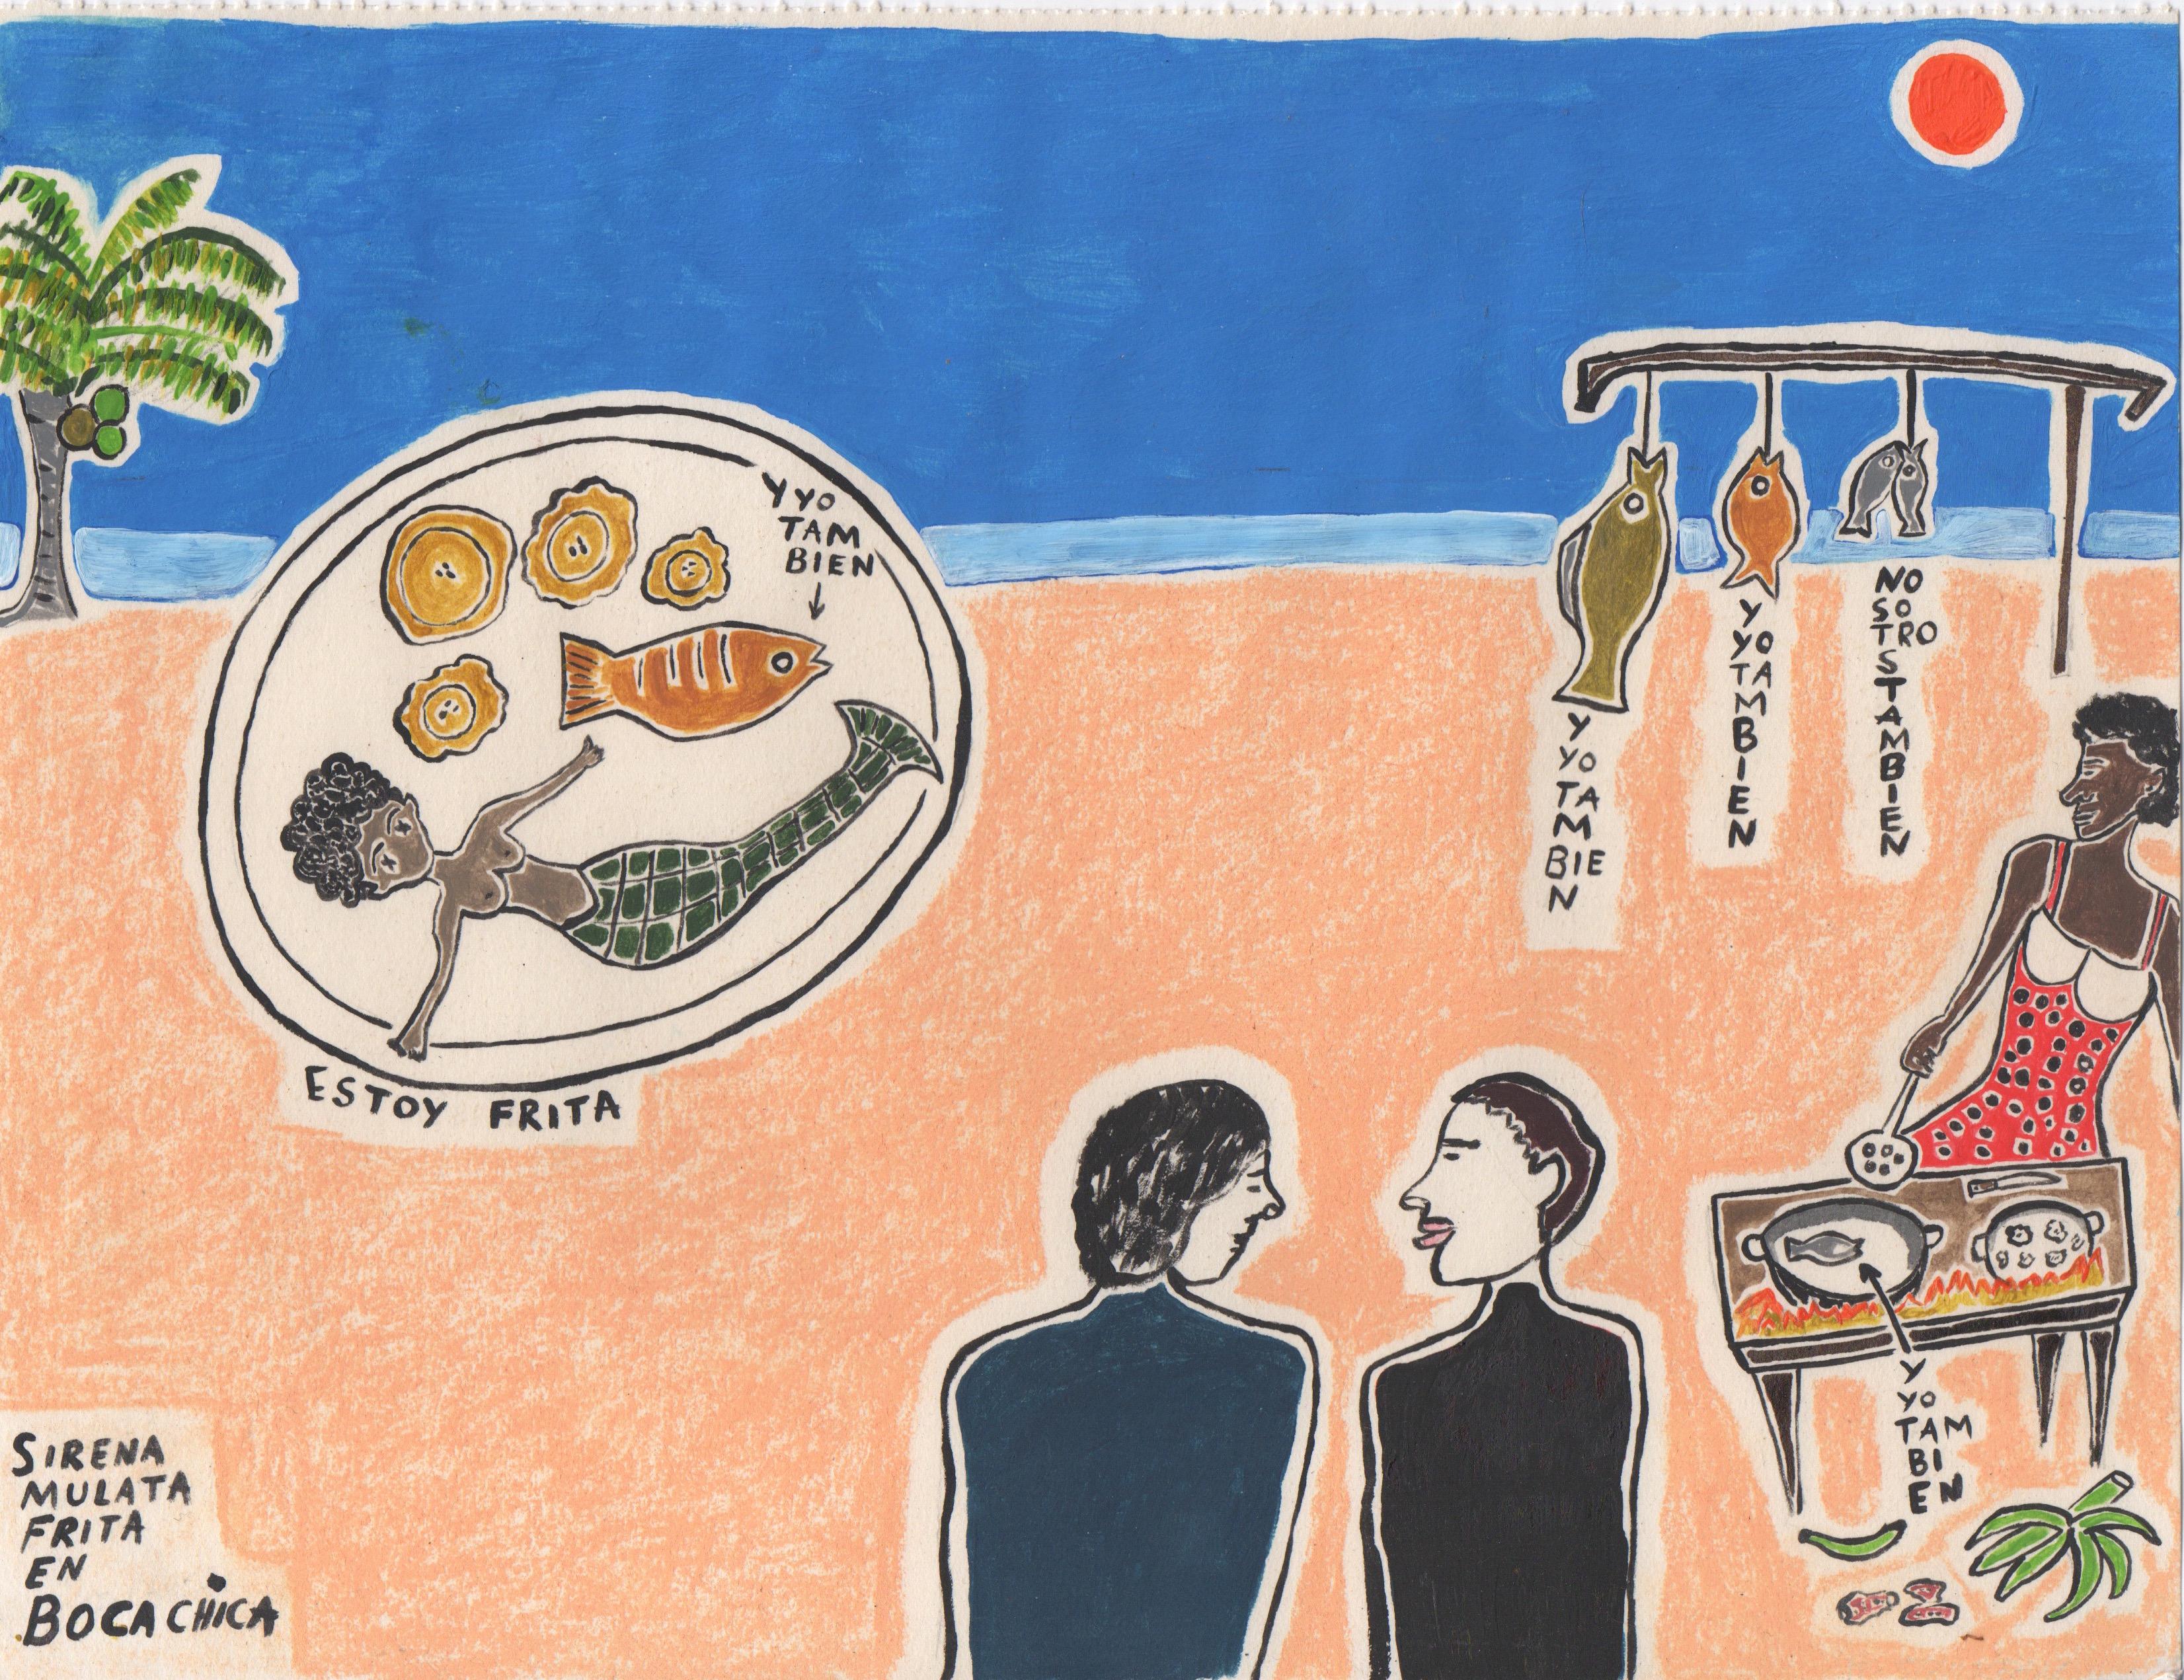 Sirena mulata frita en Boca Chica